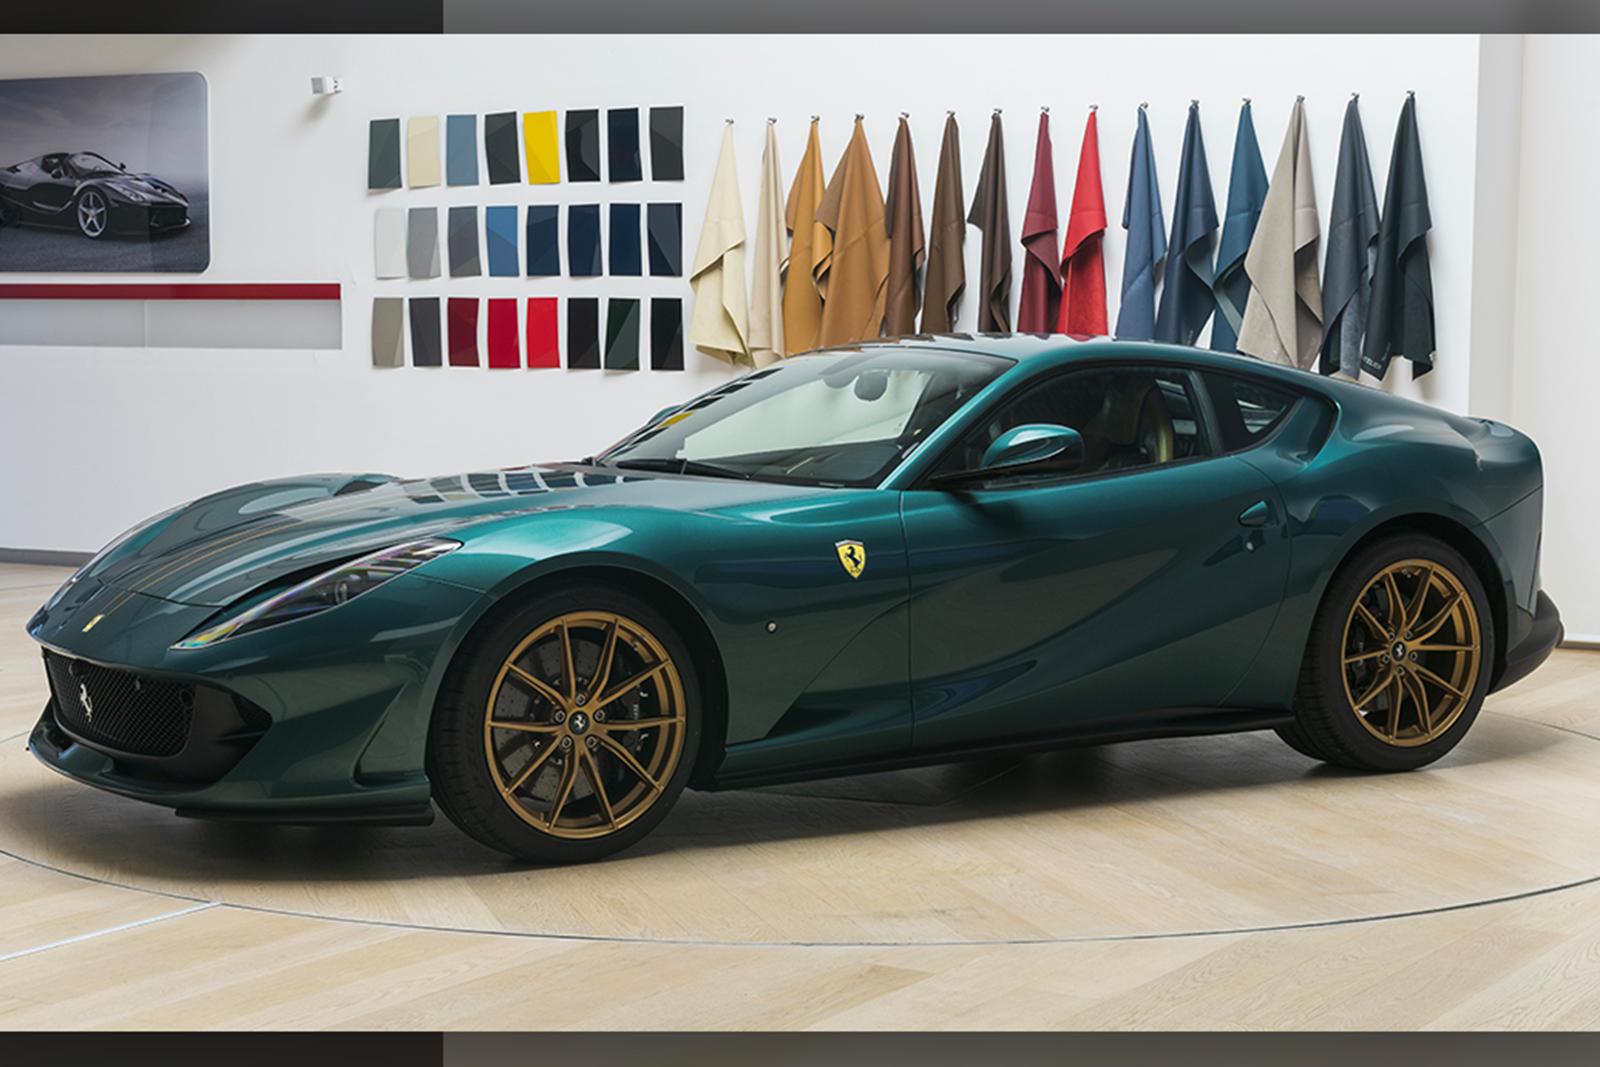 На подголовниках вышита зеленая эмблема гарцующего коня, идеально сочетающаяся с зеленой краской кузова.